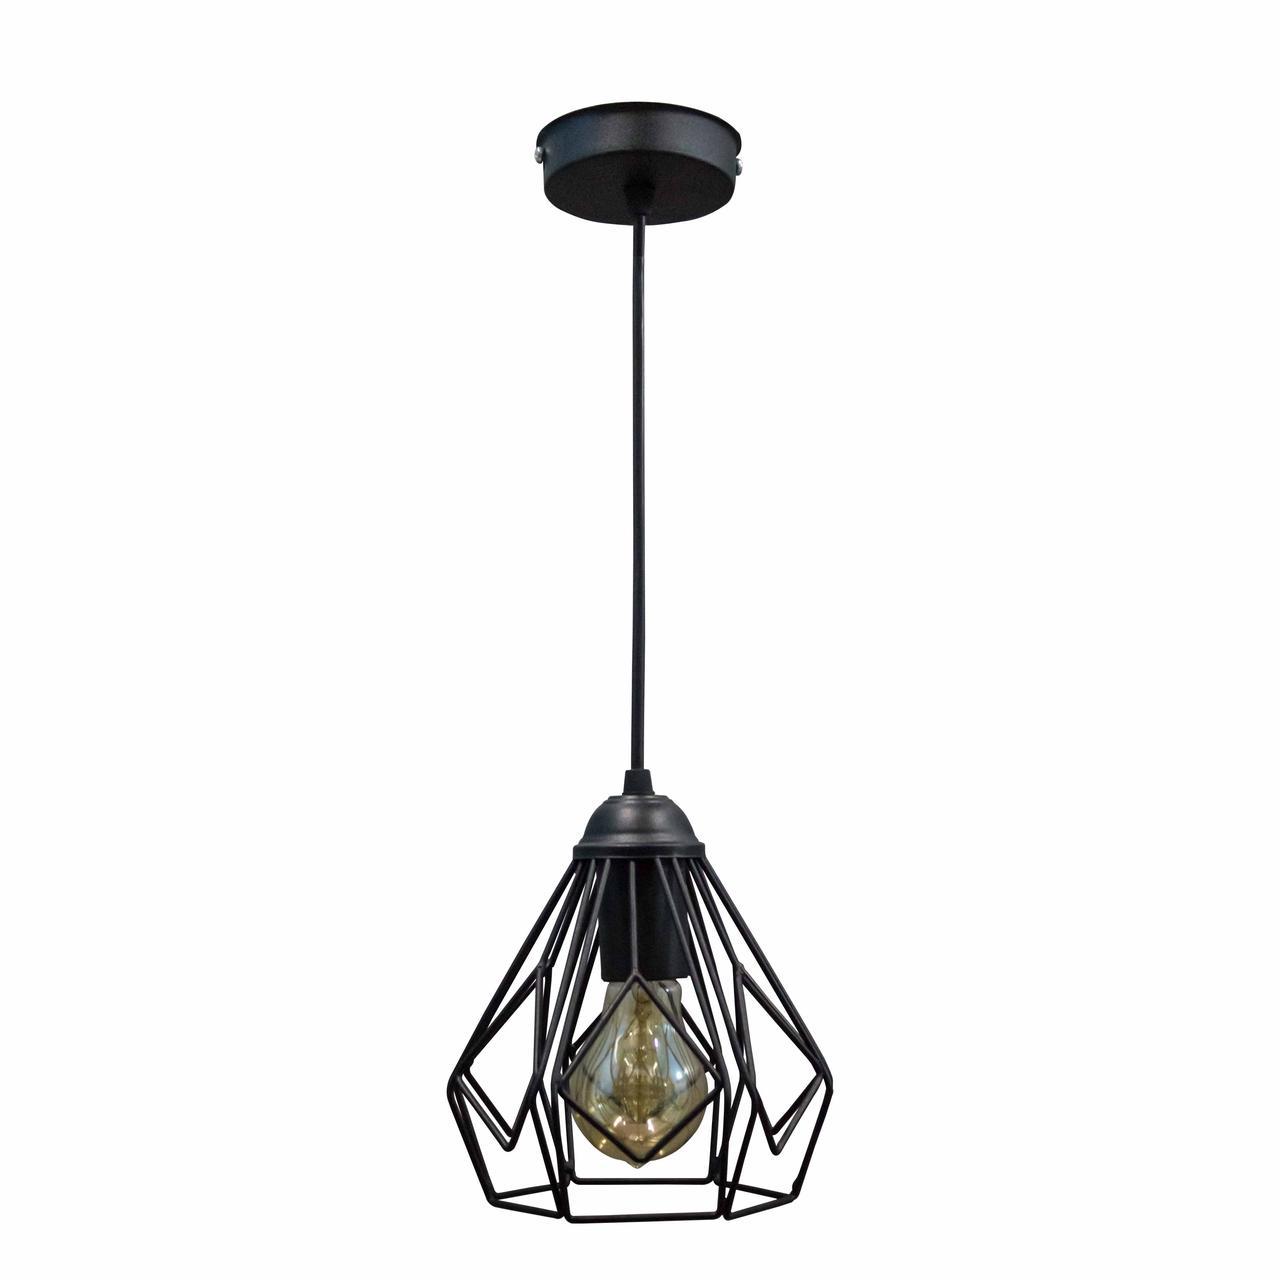 Светильник подвесной в стиле лофт NL 538 MSK Electric